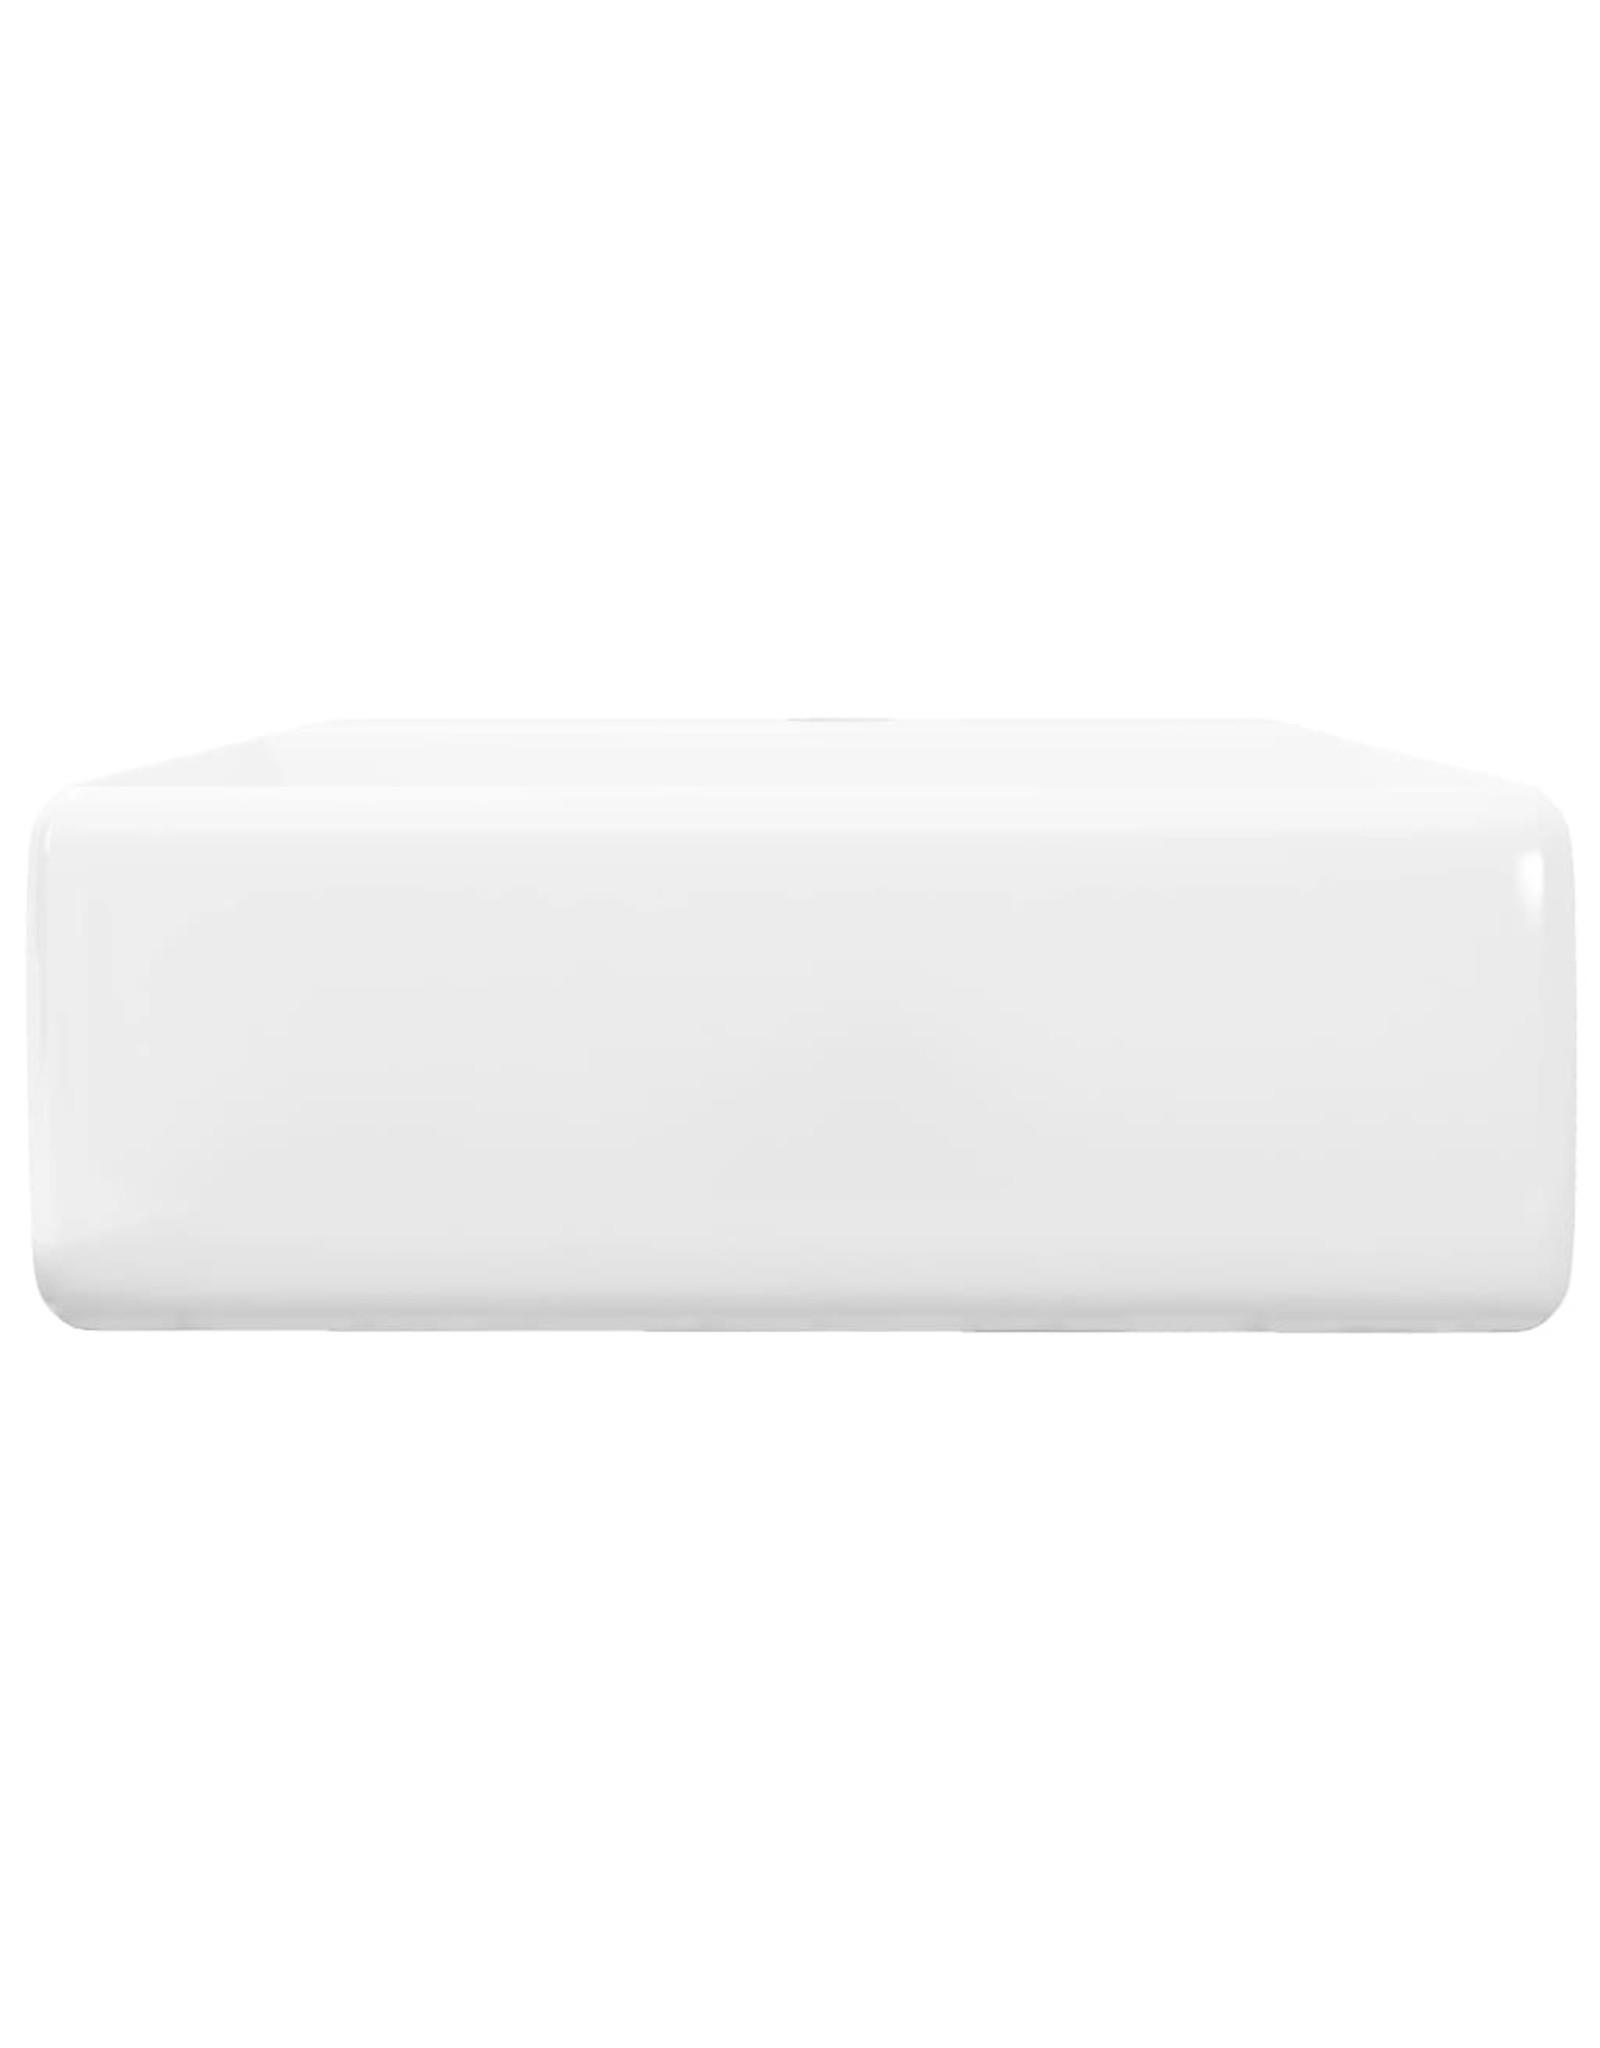 Luxe wastafel met overloop en kraangat vierkant keramiek 41x41 cm